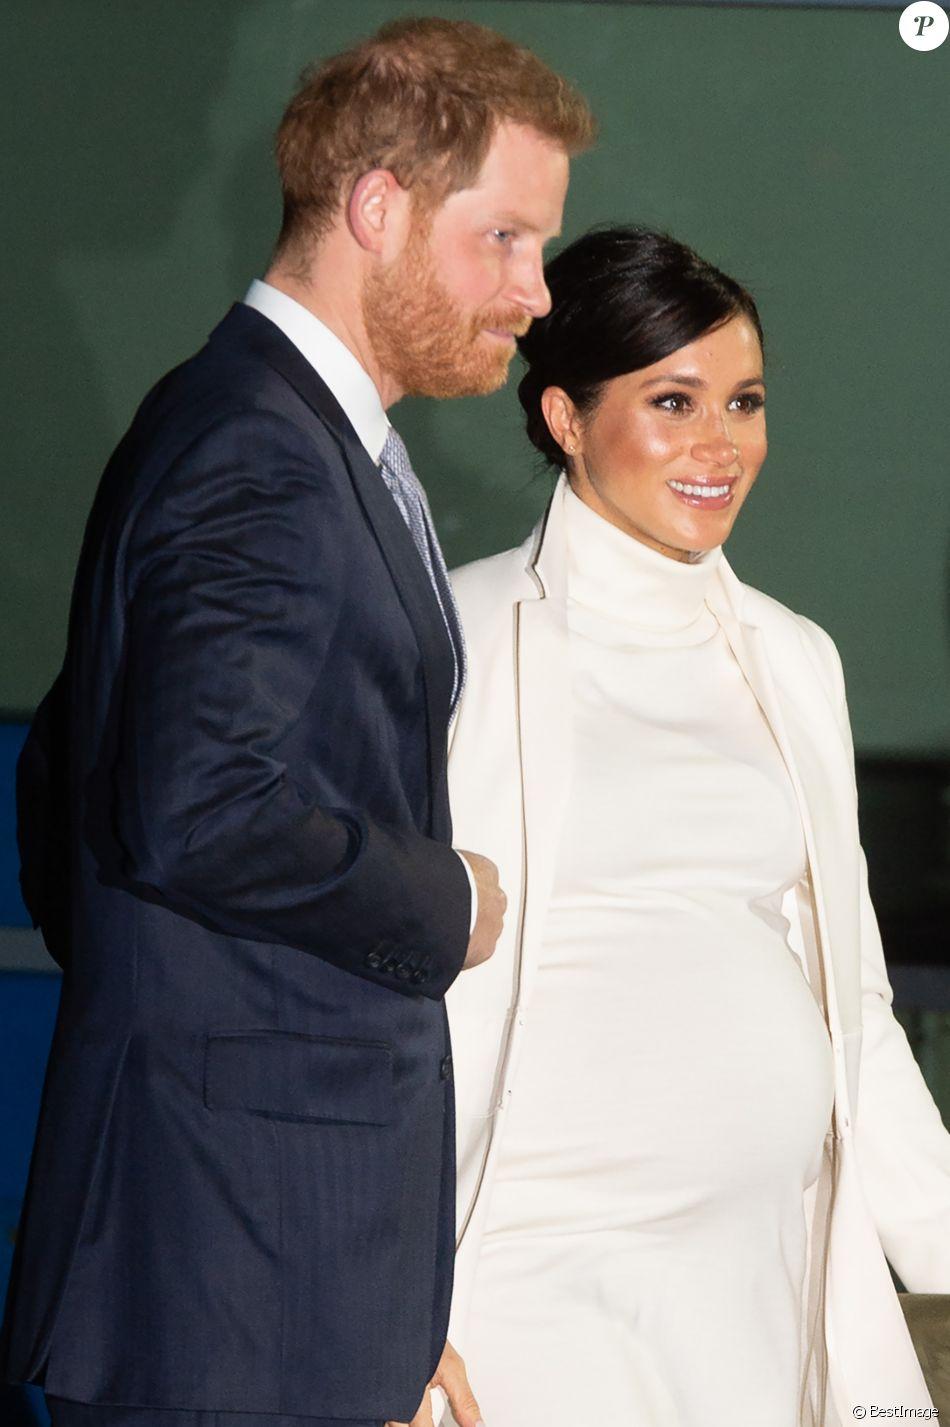 Le prince Harry et Meghan Markle, enceinte, arrivent au musée d'histoire naturelle pour assister à la soirée de gala The Wider Earth à Londres le 12 février 2019.